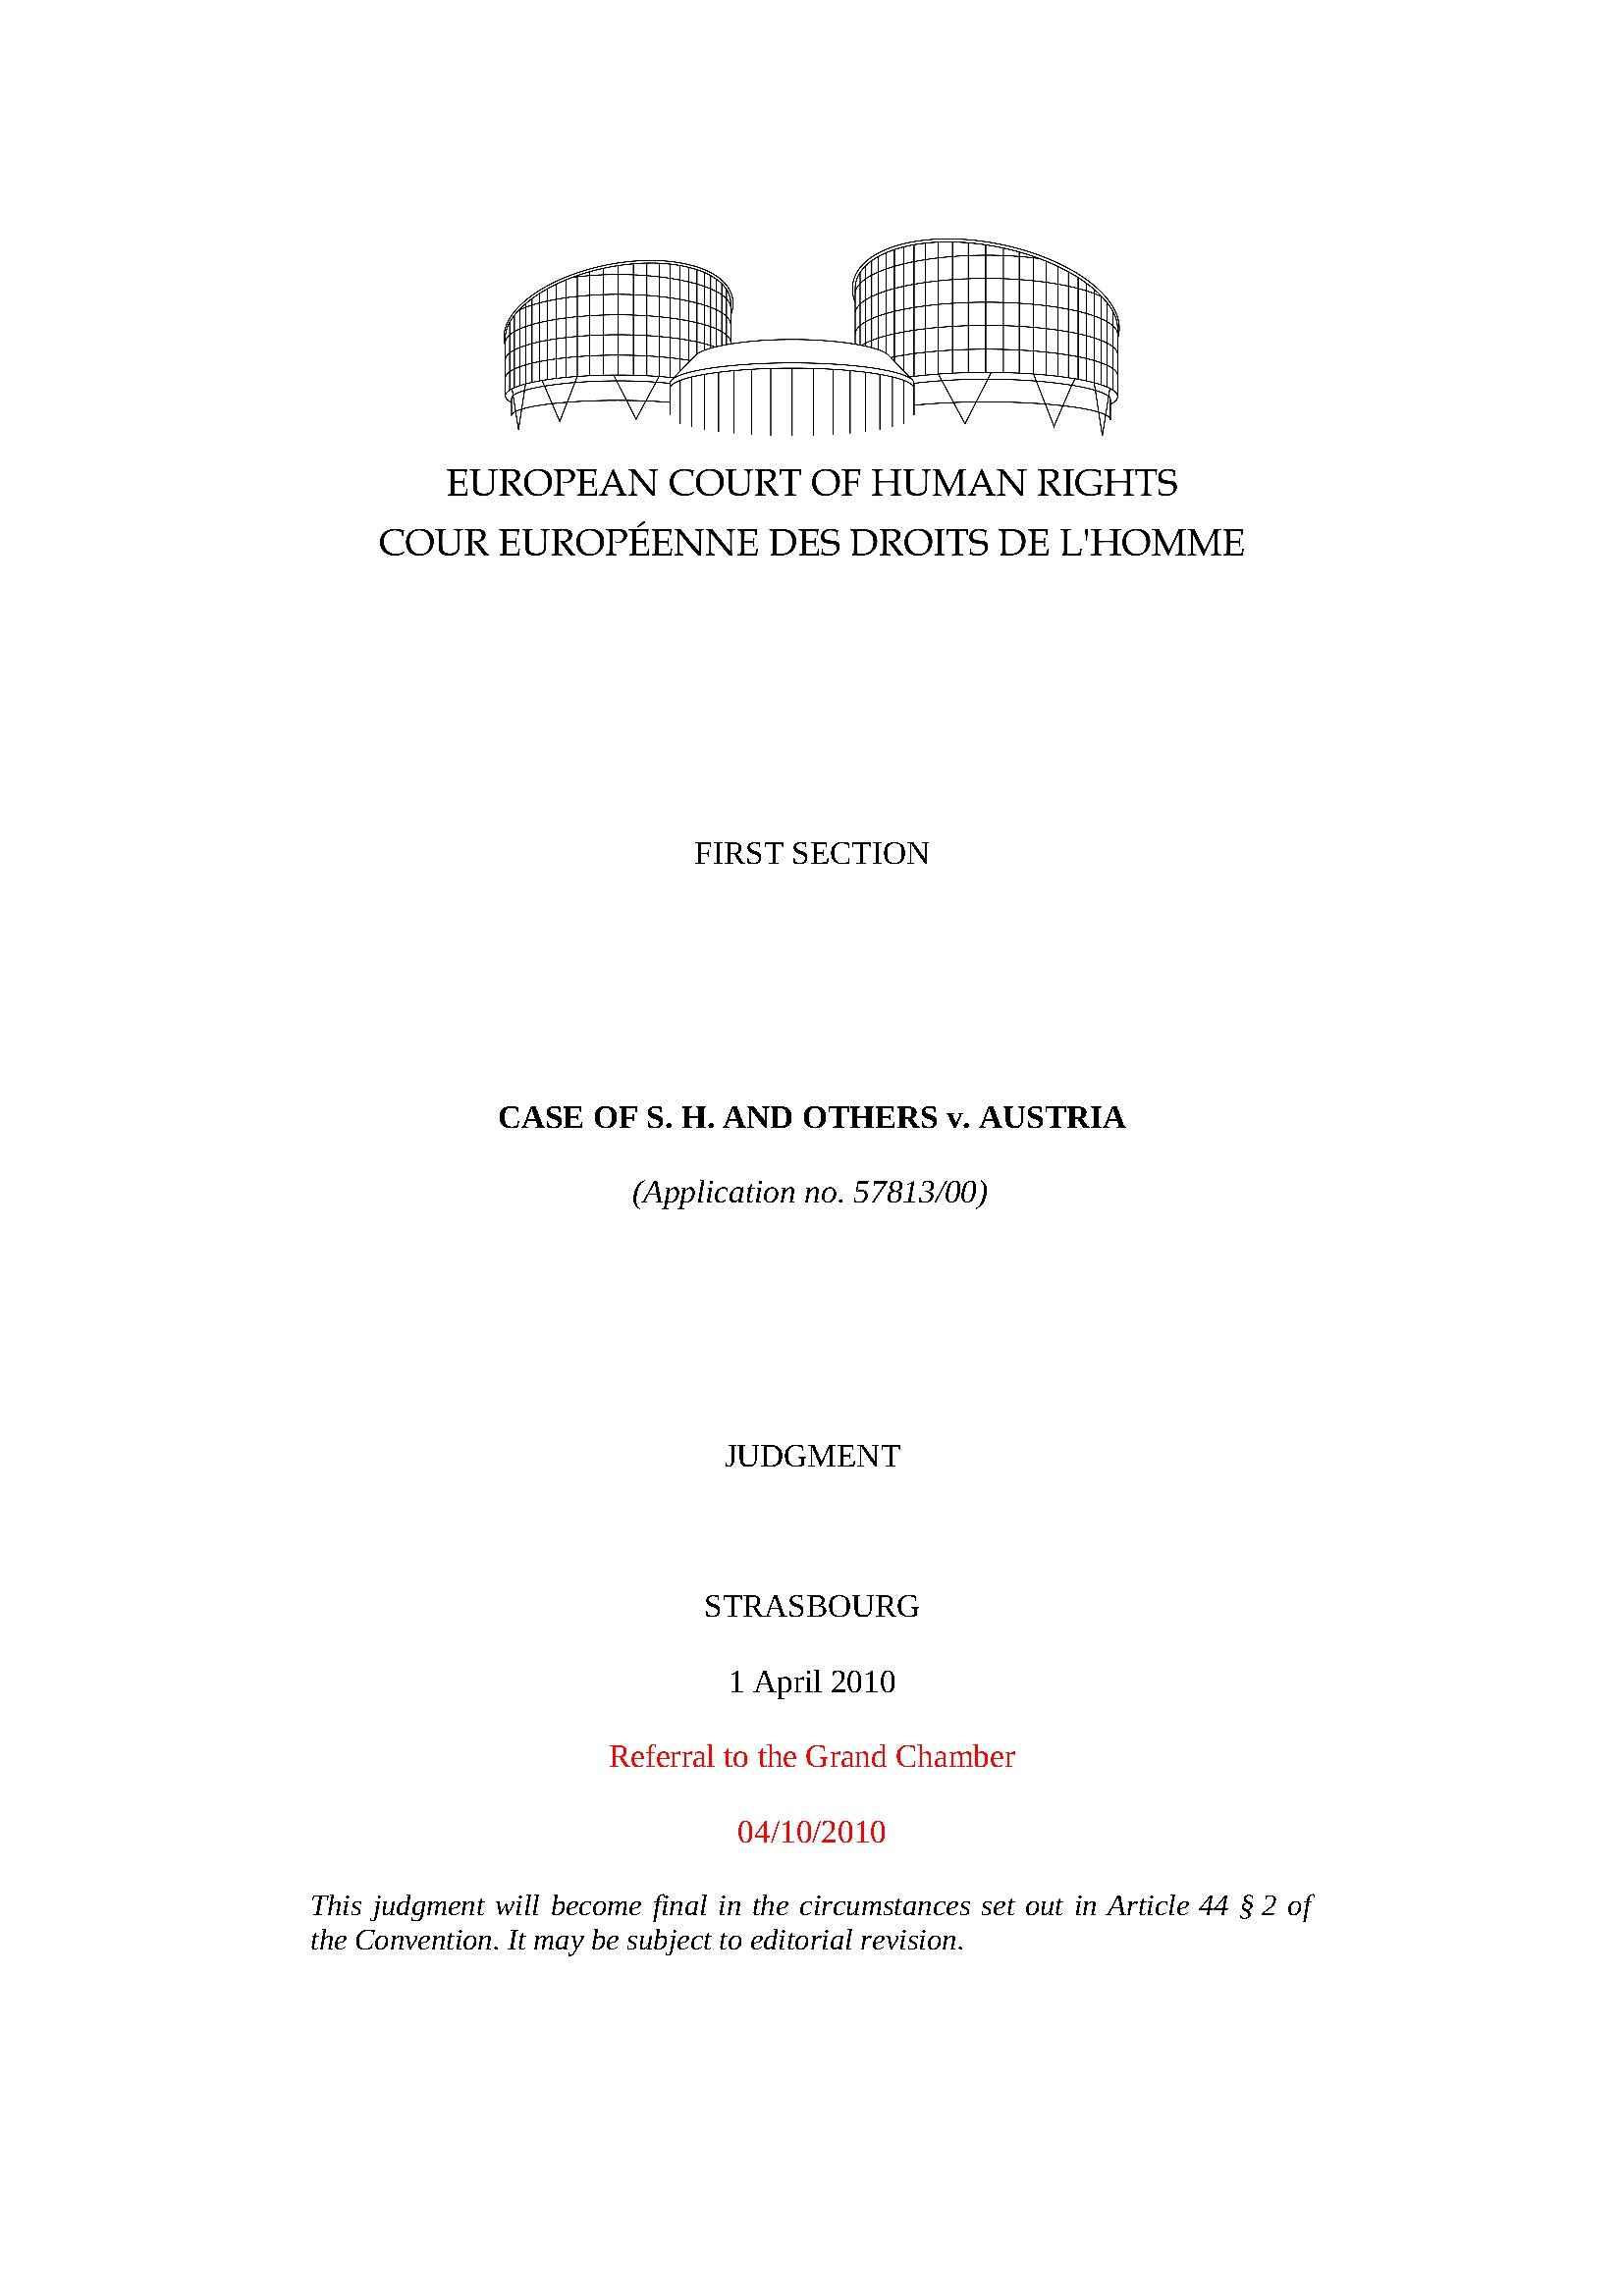 Procreazione medicalmente assistita - Corte di Strasburgo